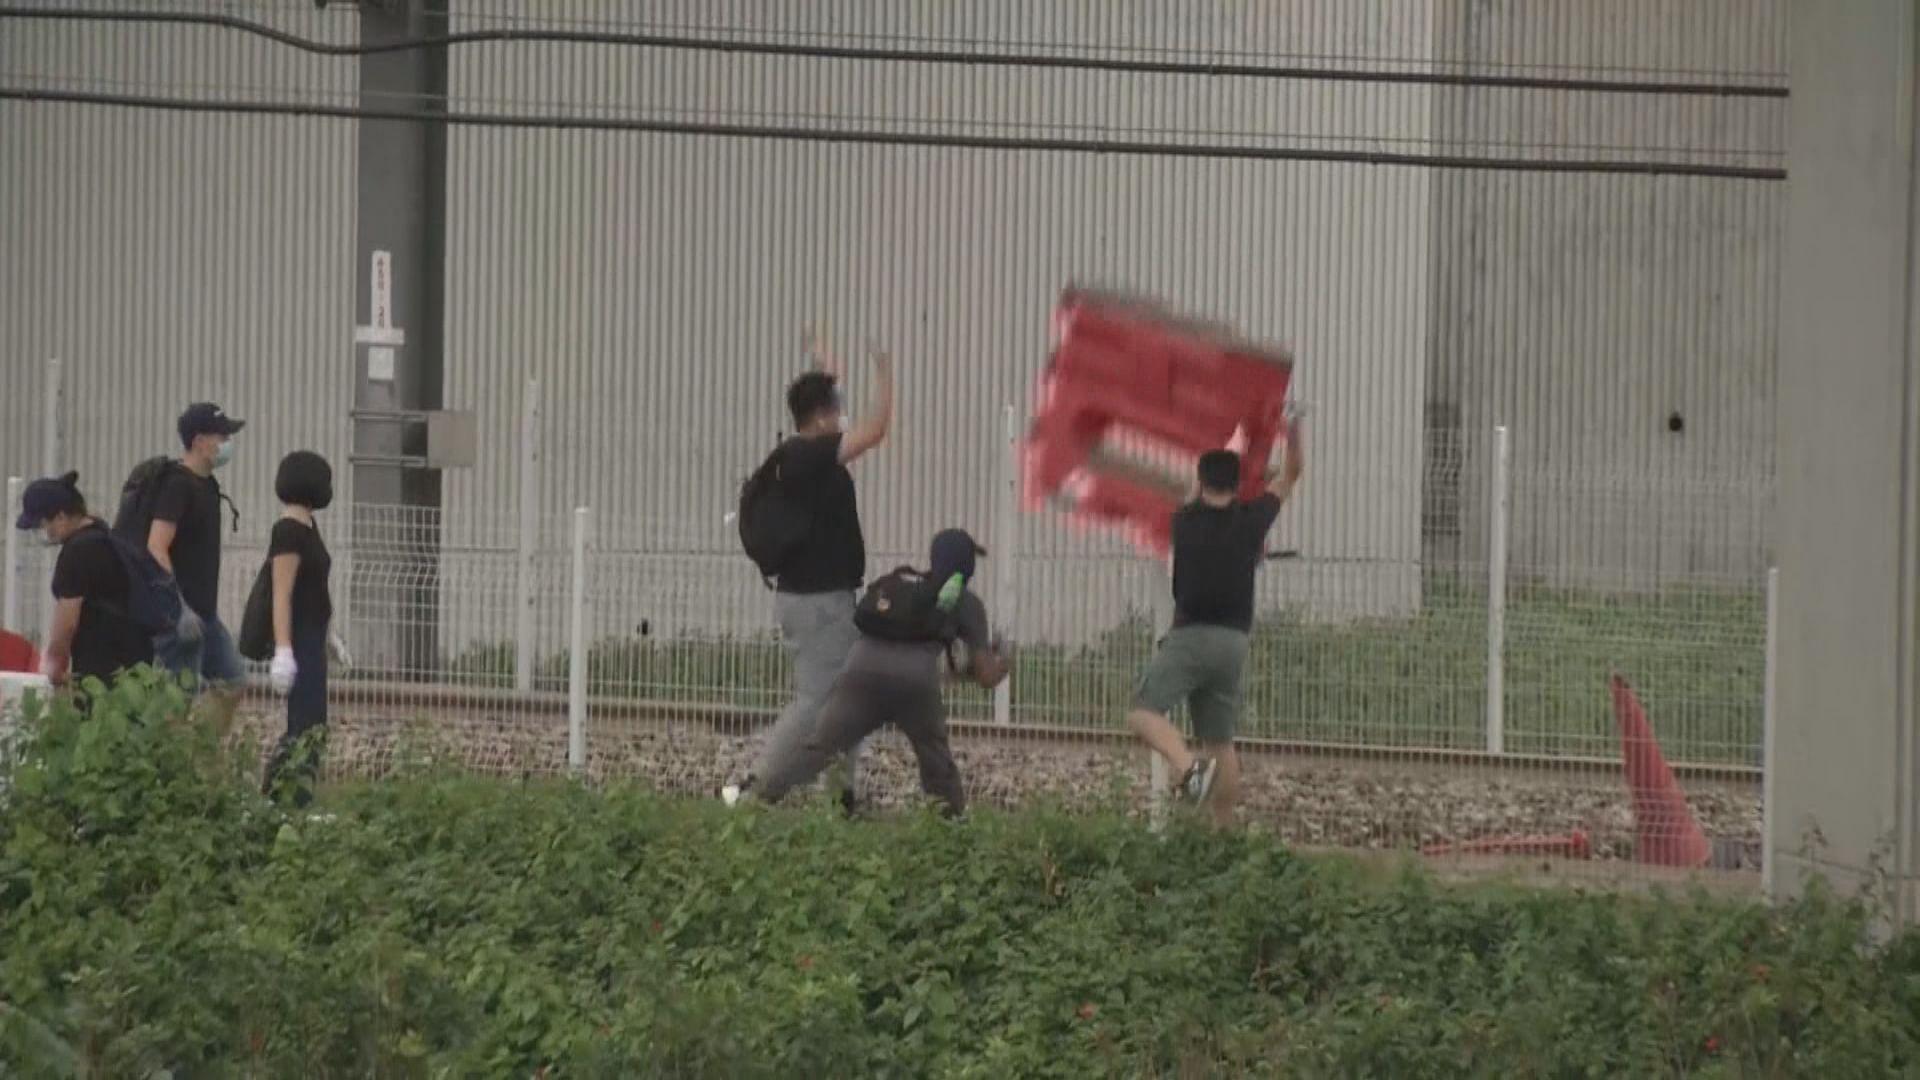 示威者一度向機鐵路軌投雜物 機鐵停駛